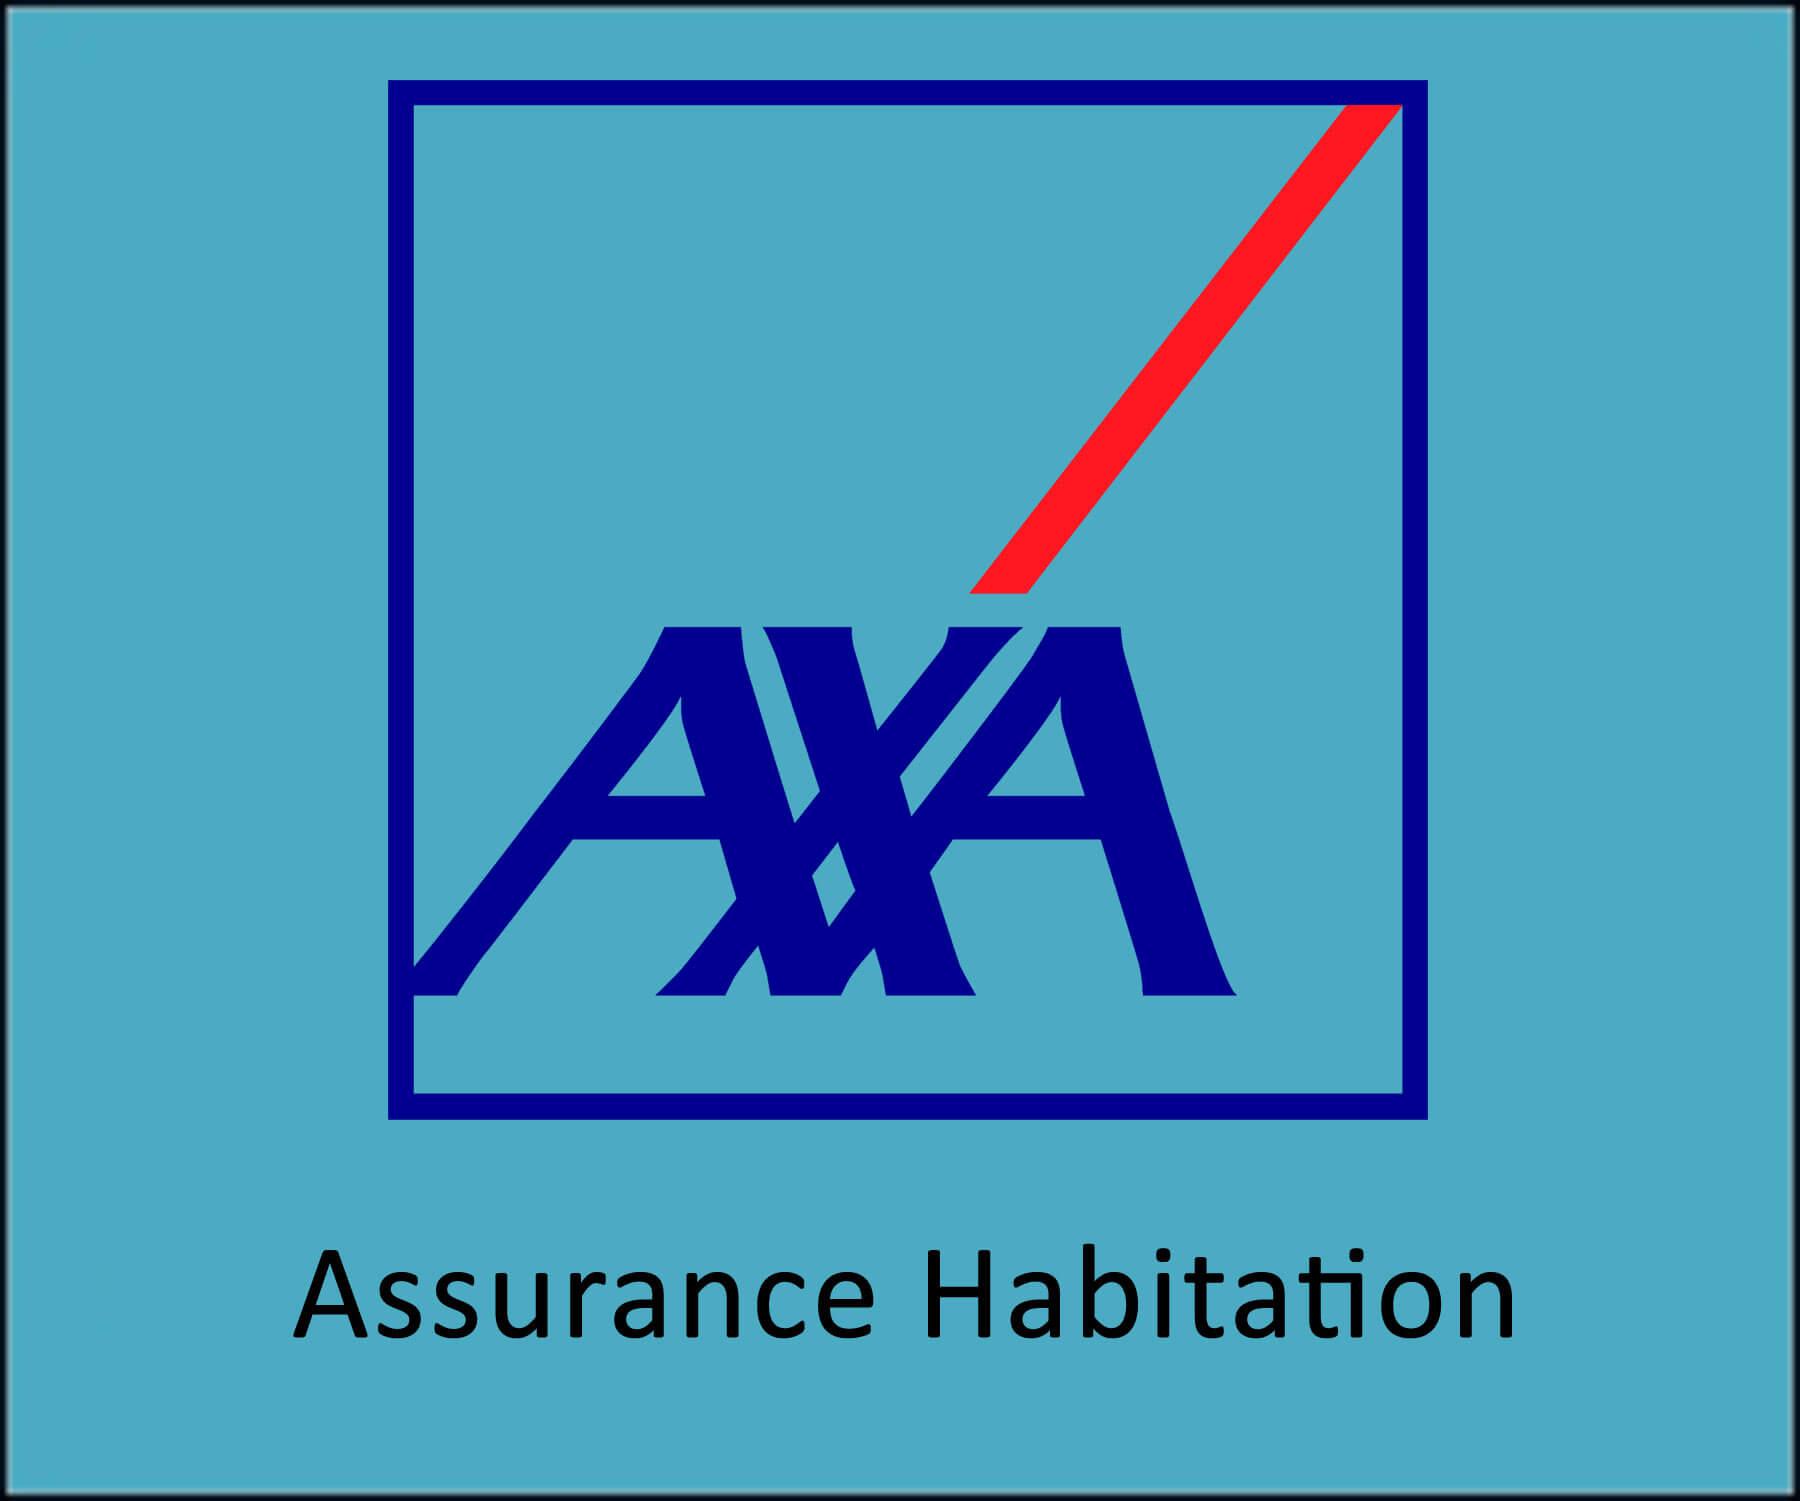 Assurance habitation AXA: -15% en tant que propriétaires de maison